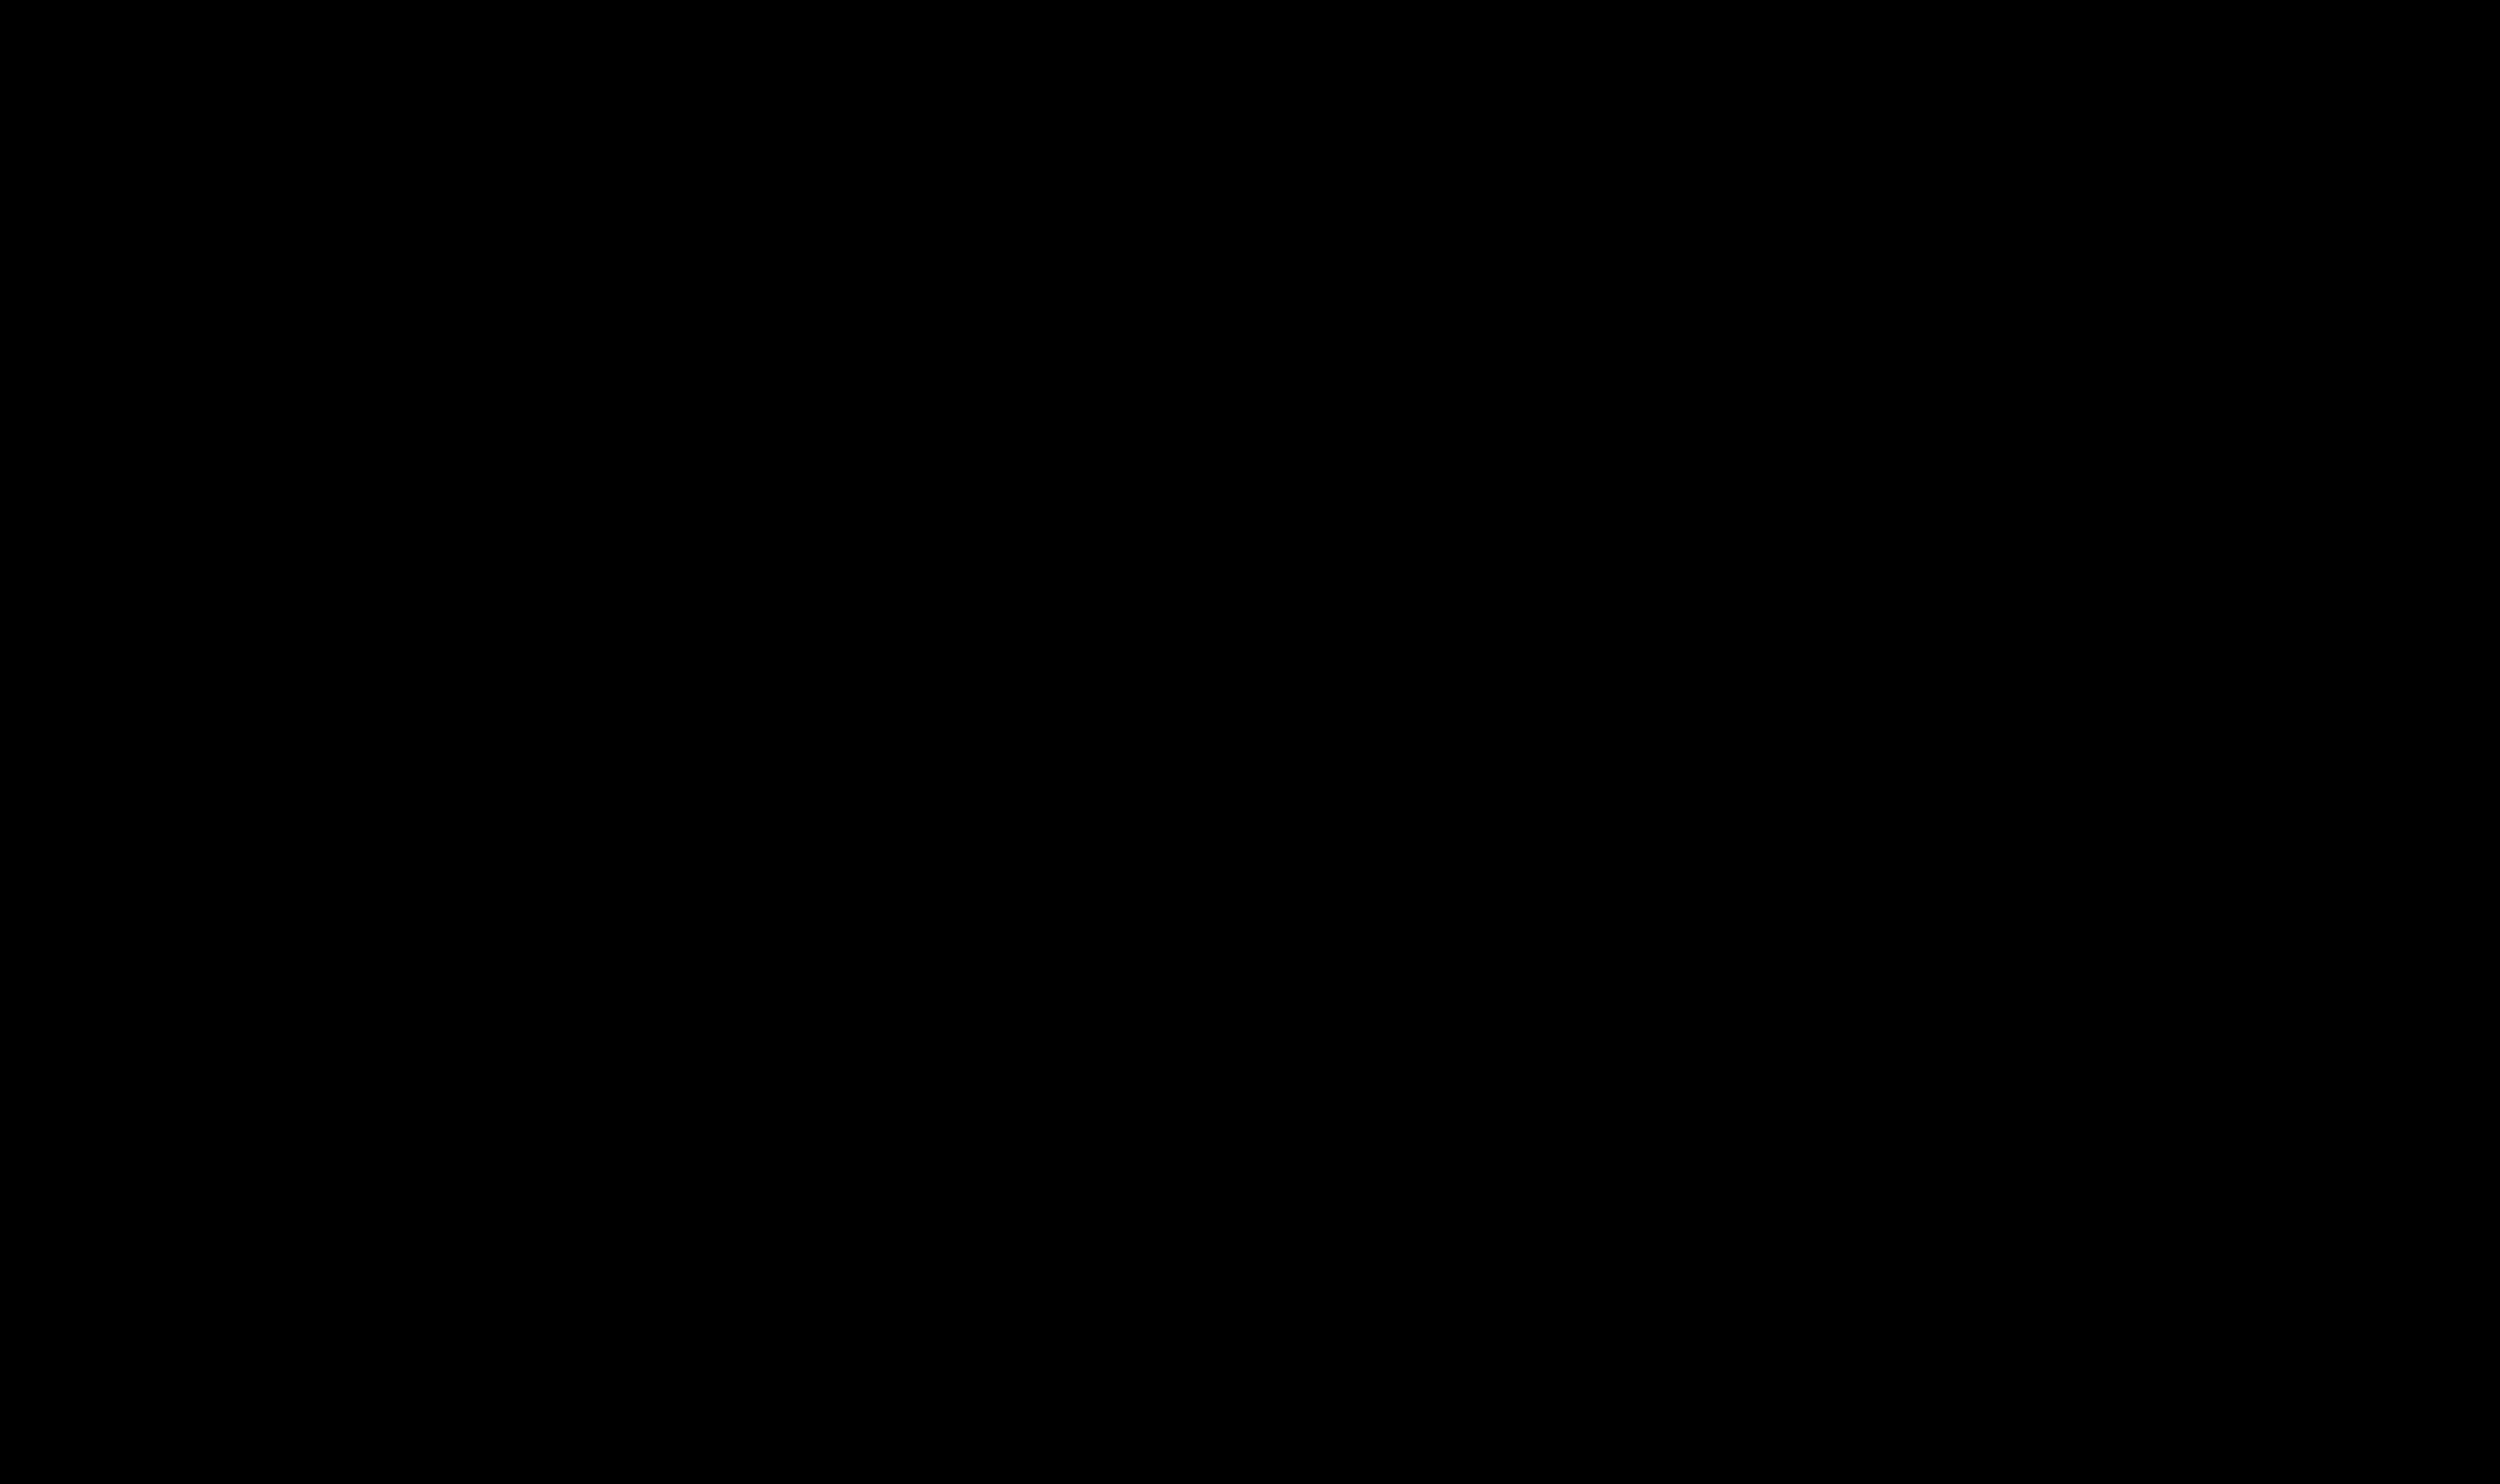 V České republice se loni vyrobil rekordní počet pelet